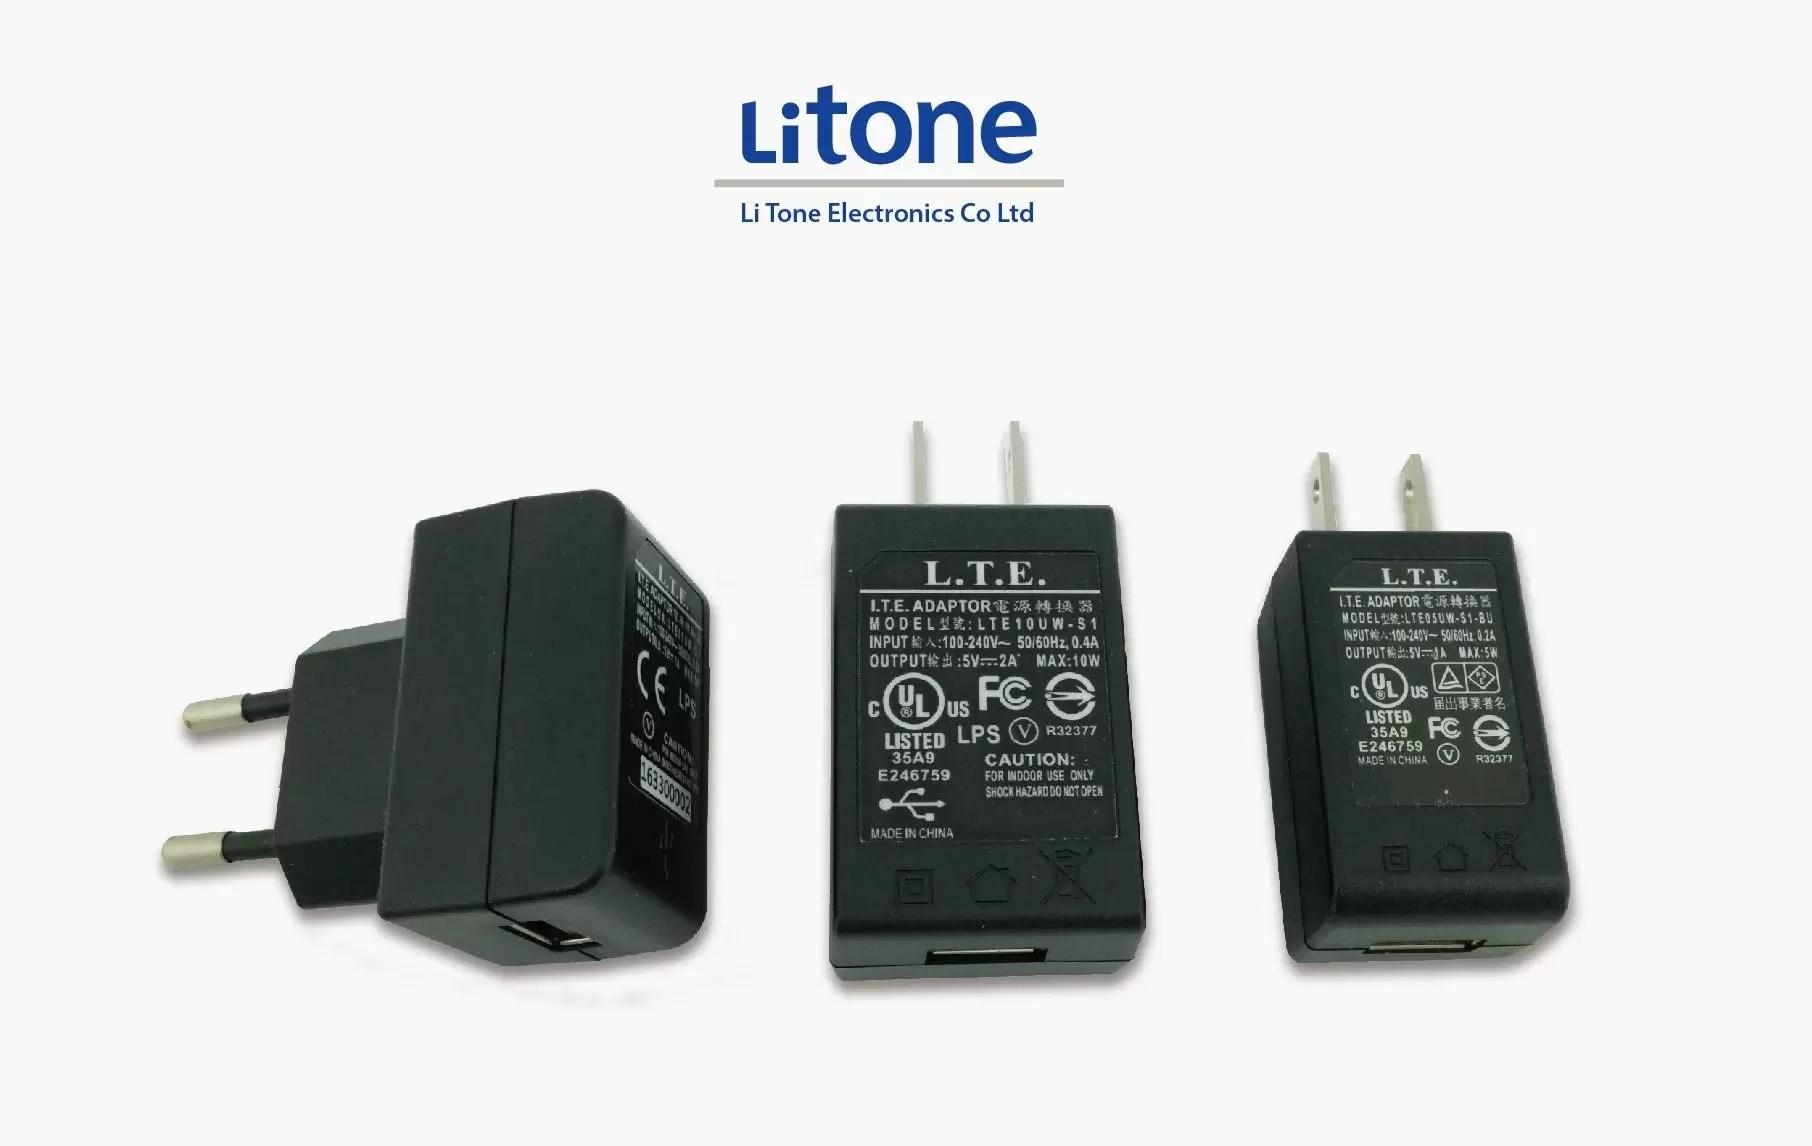 USB 電源充電器 | 高靈敏磁性元件和交換式電源製造商 | 力英電子股份有限公司